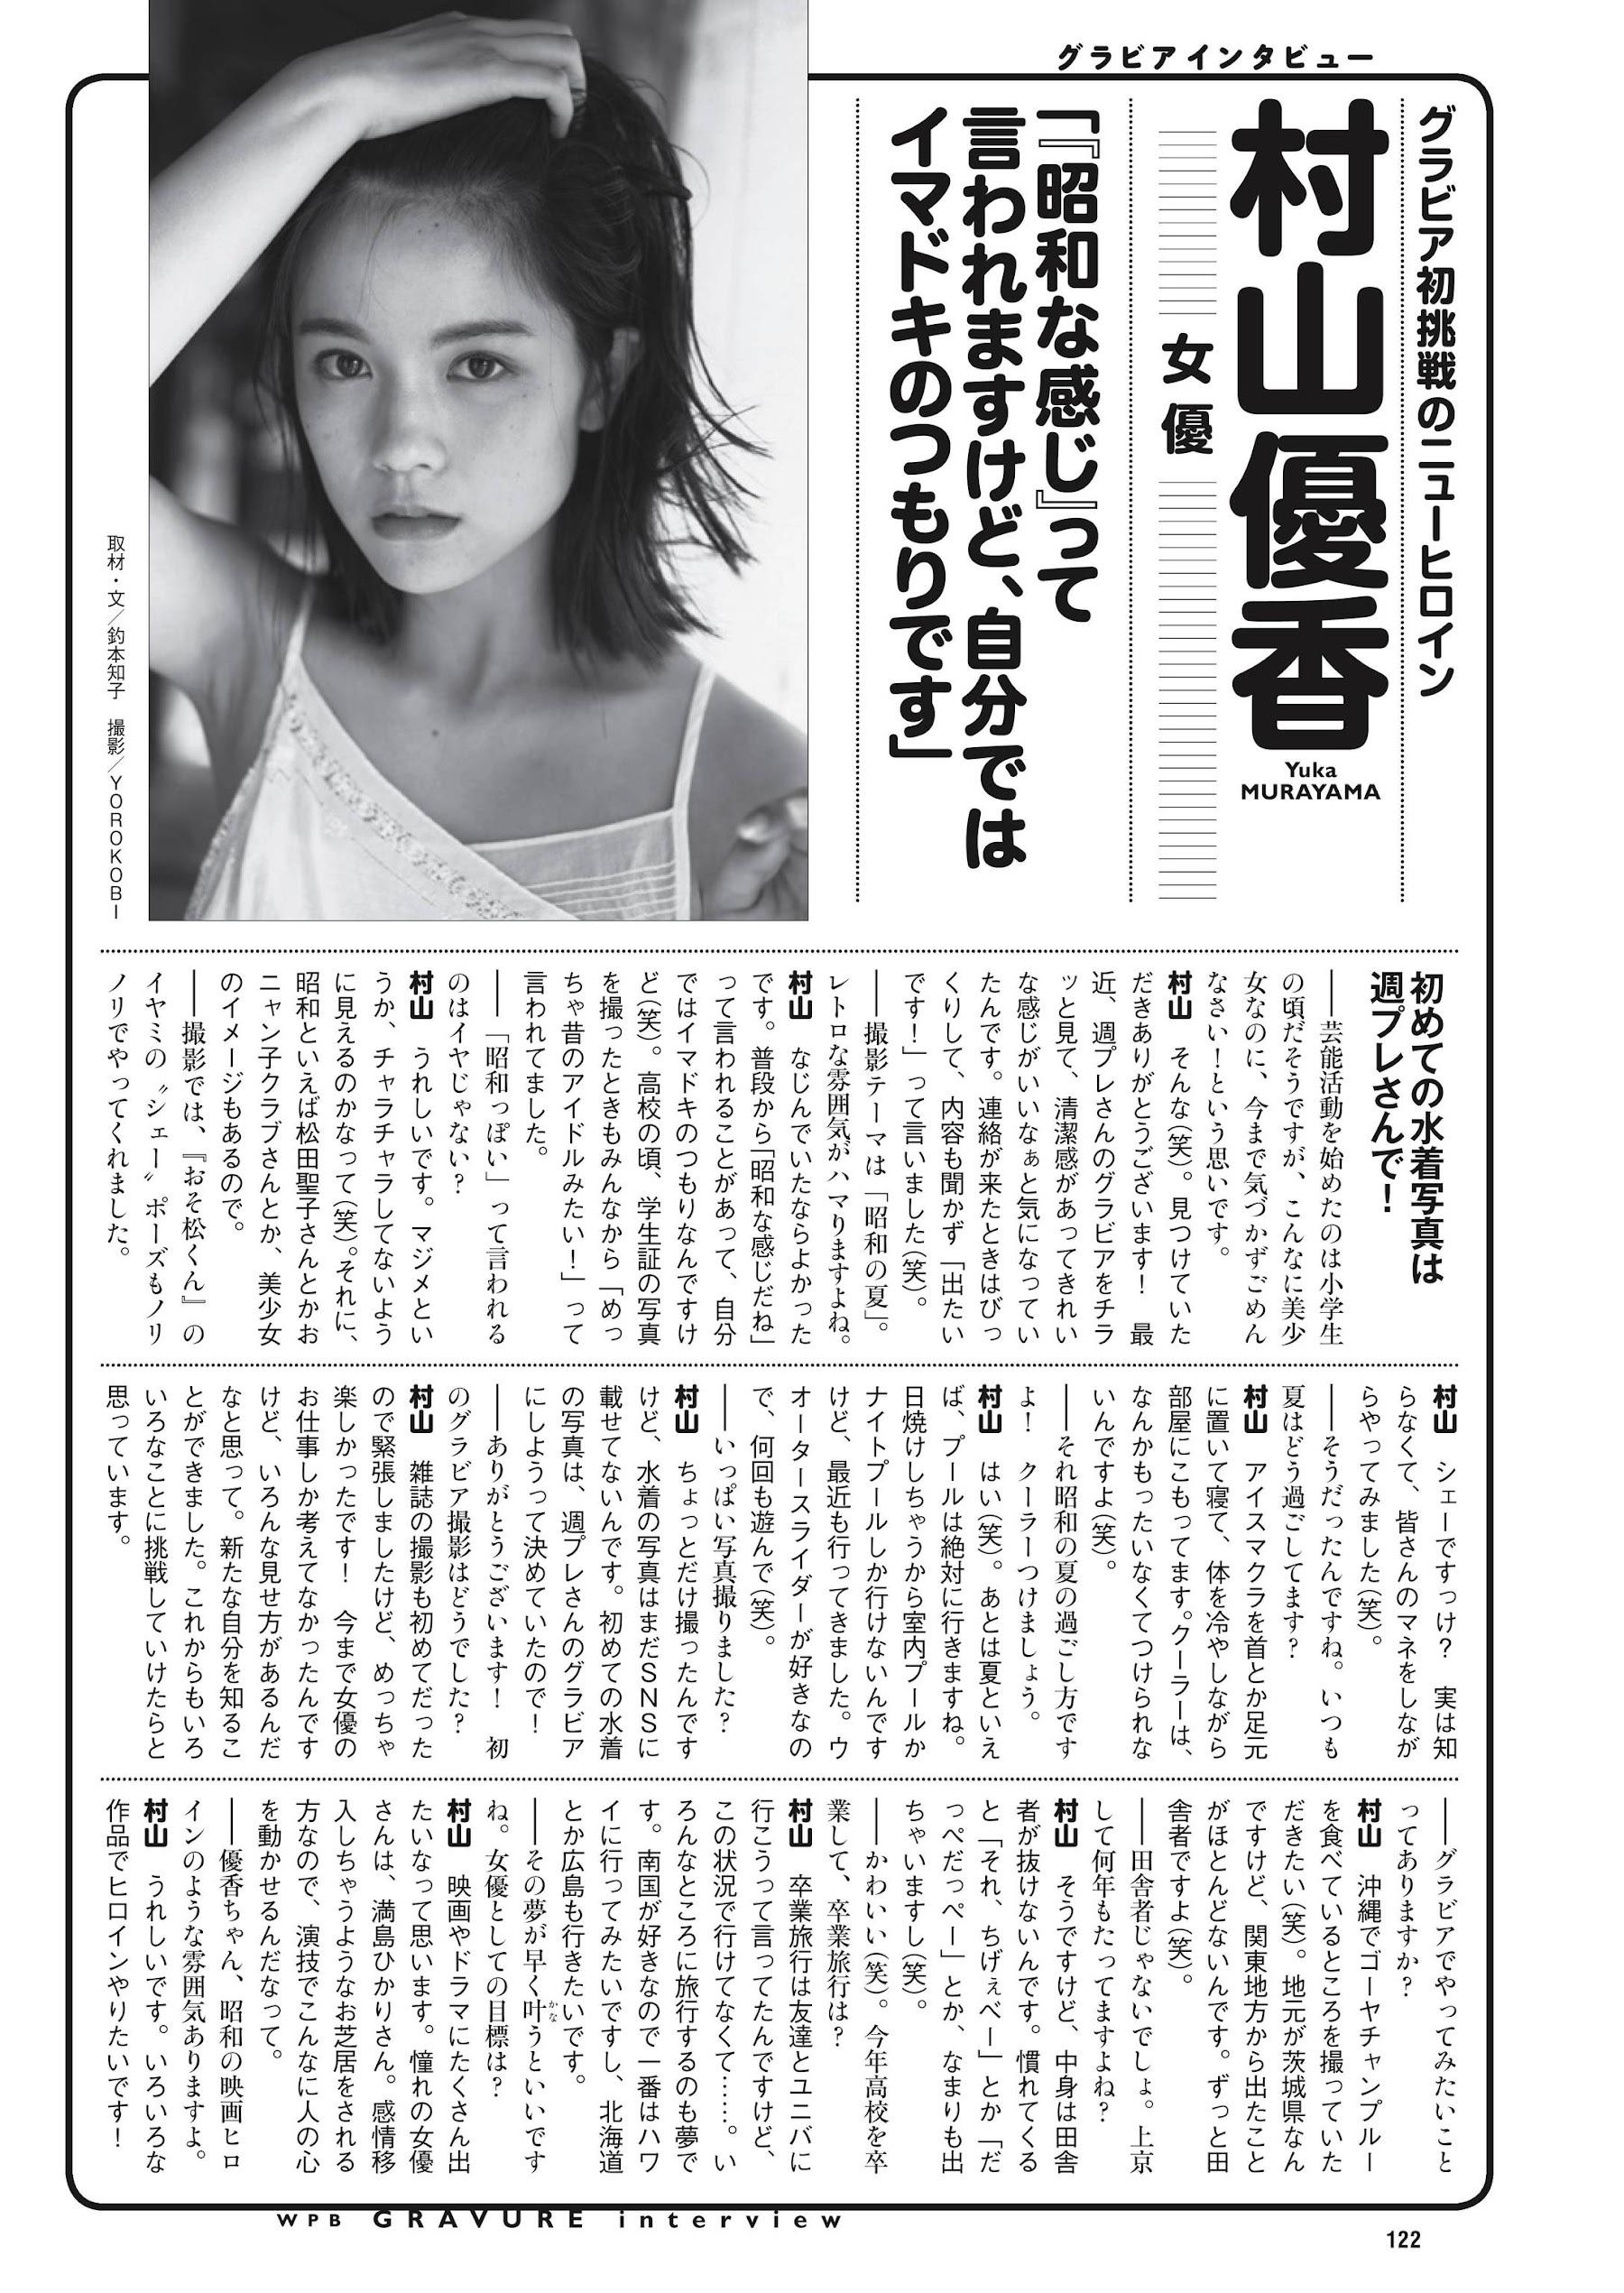 豊田ルナ 頓知気さきな あかせあかり 伊织萌-Weekly Playboy 2021年第三十五期 高清套图 第67张